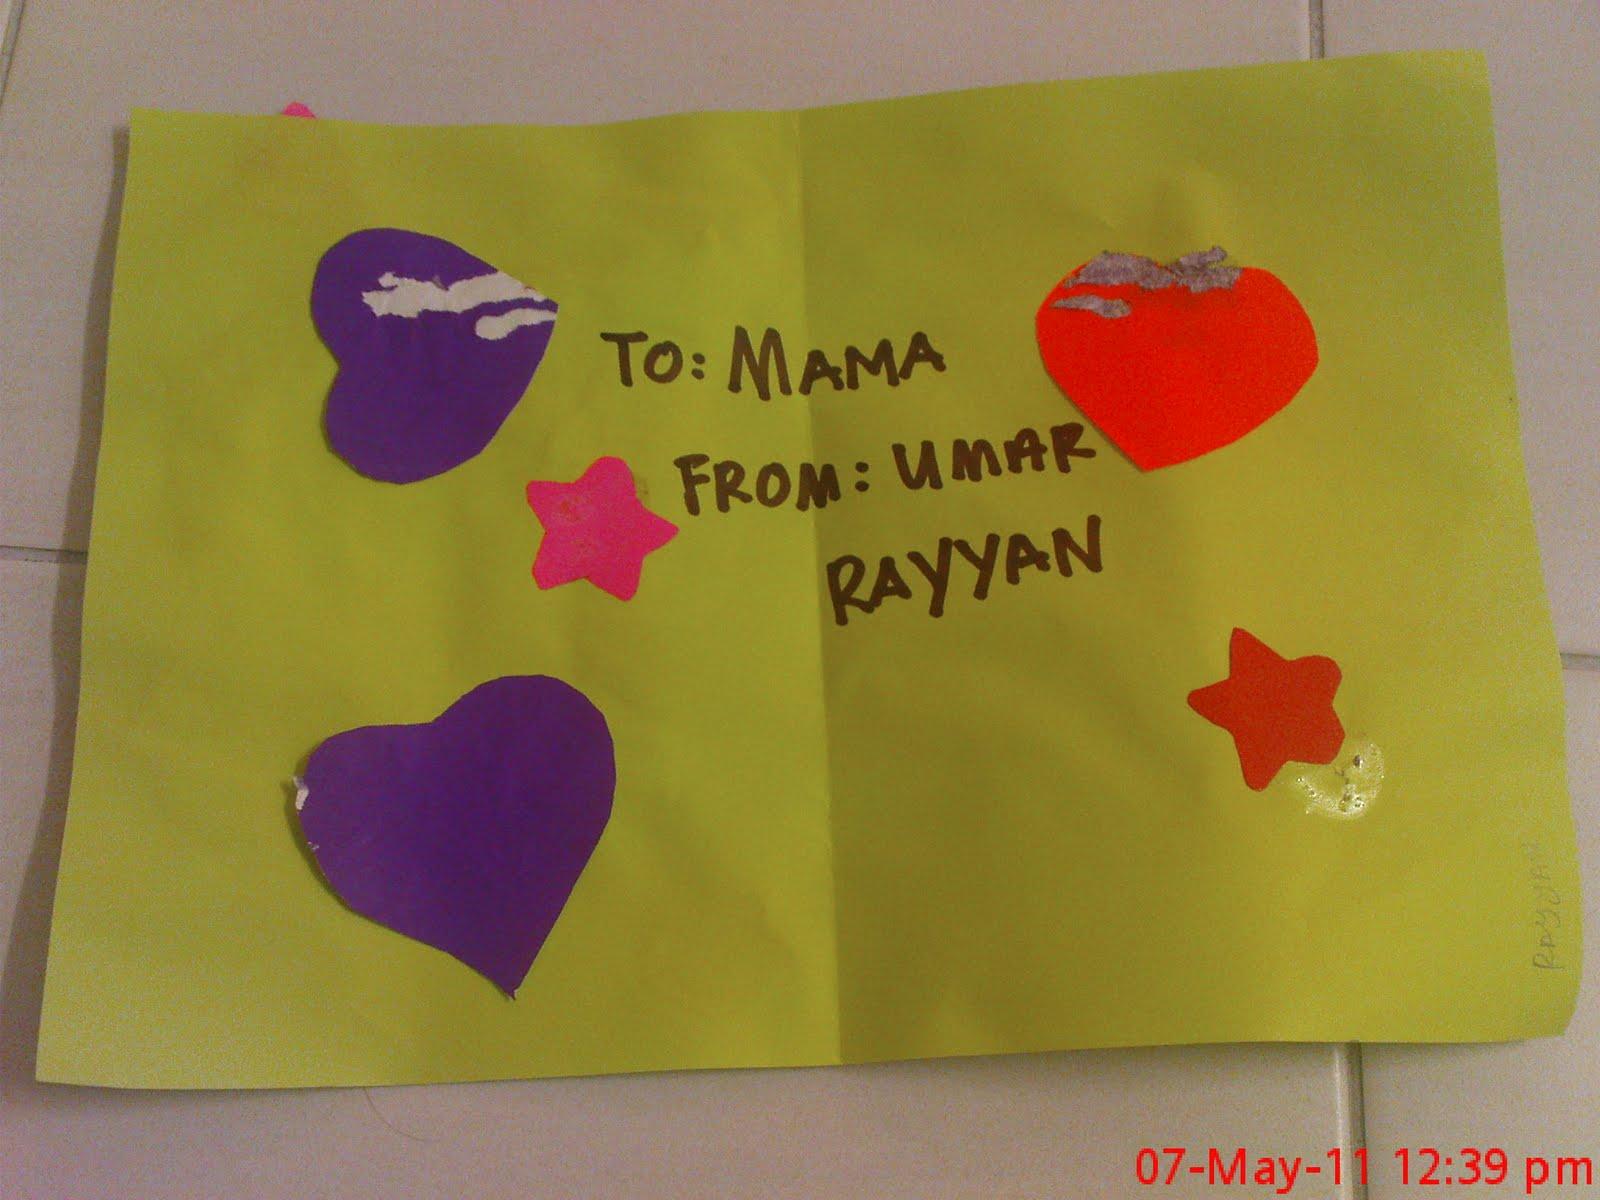 Kad Hari Ibu Special from Rayyan & Rania